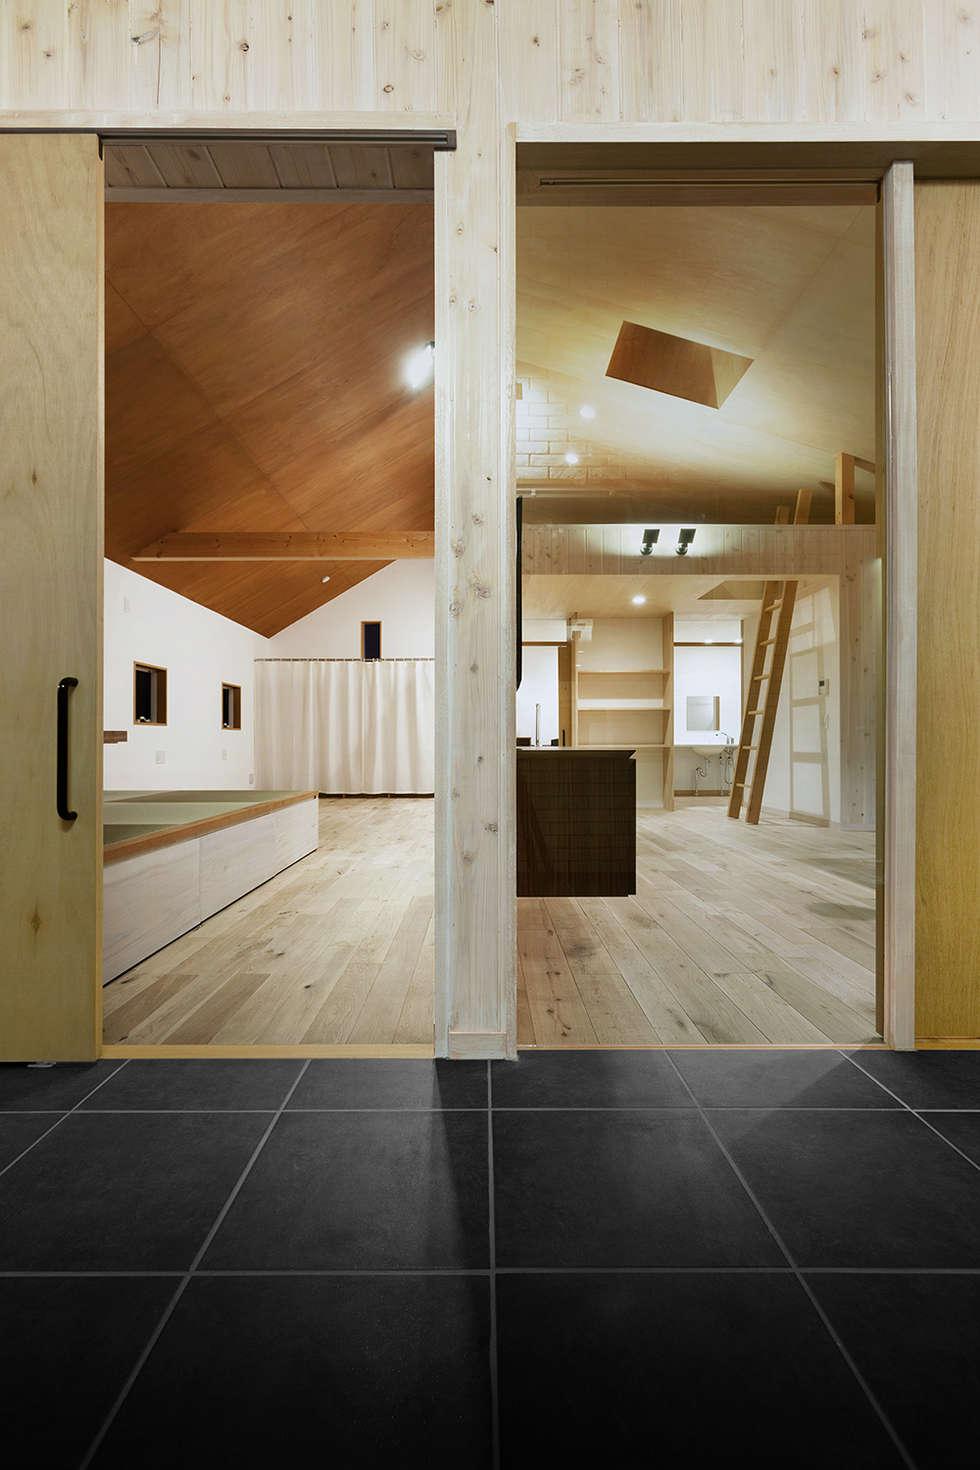 近江八幡の家・インナーテラス: タクタク/クニヤス建築設計が手掛けたリビングです。